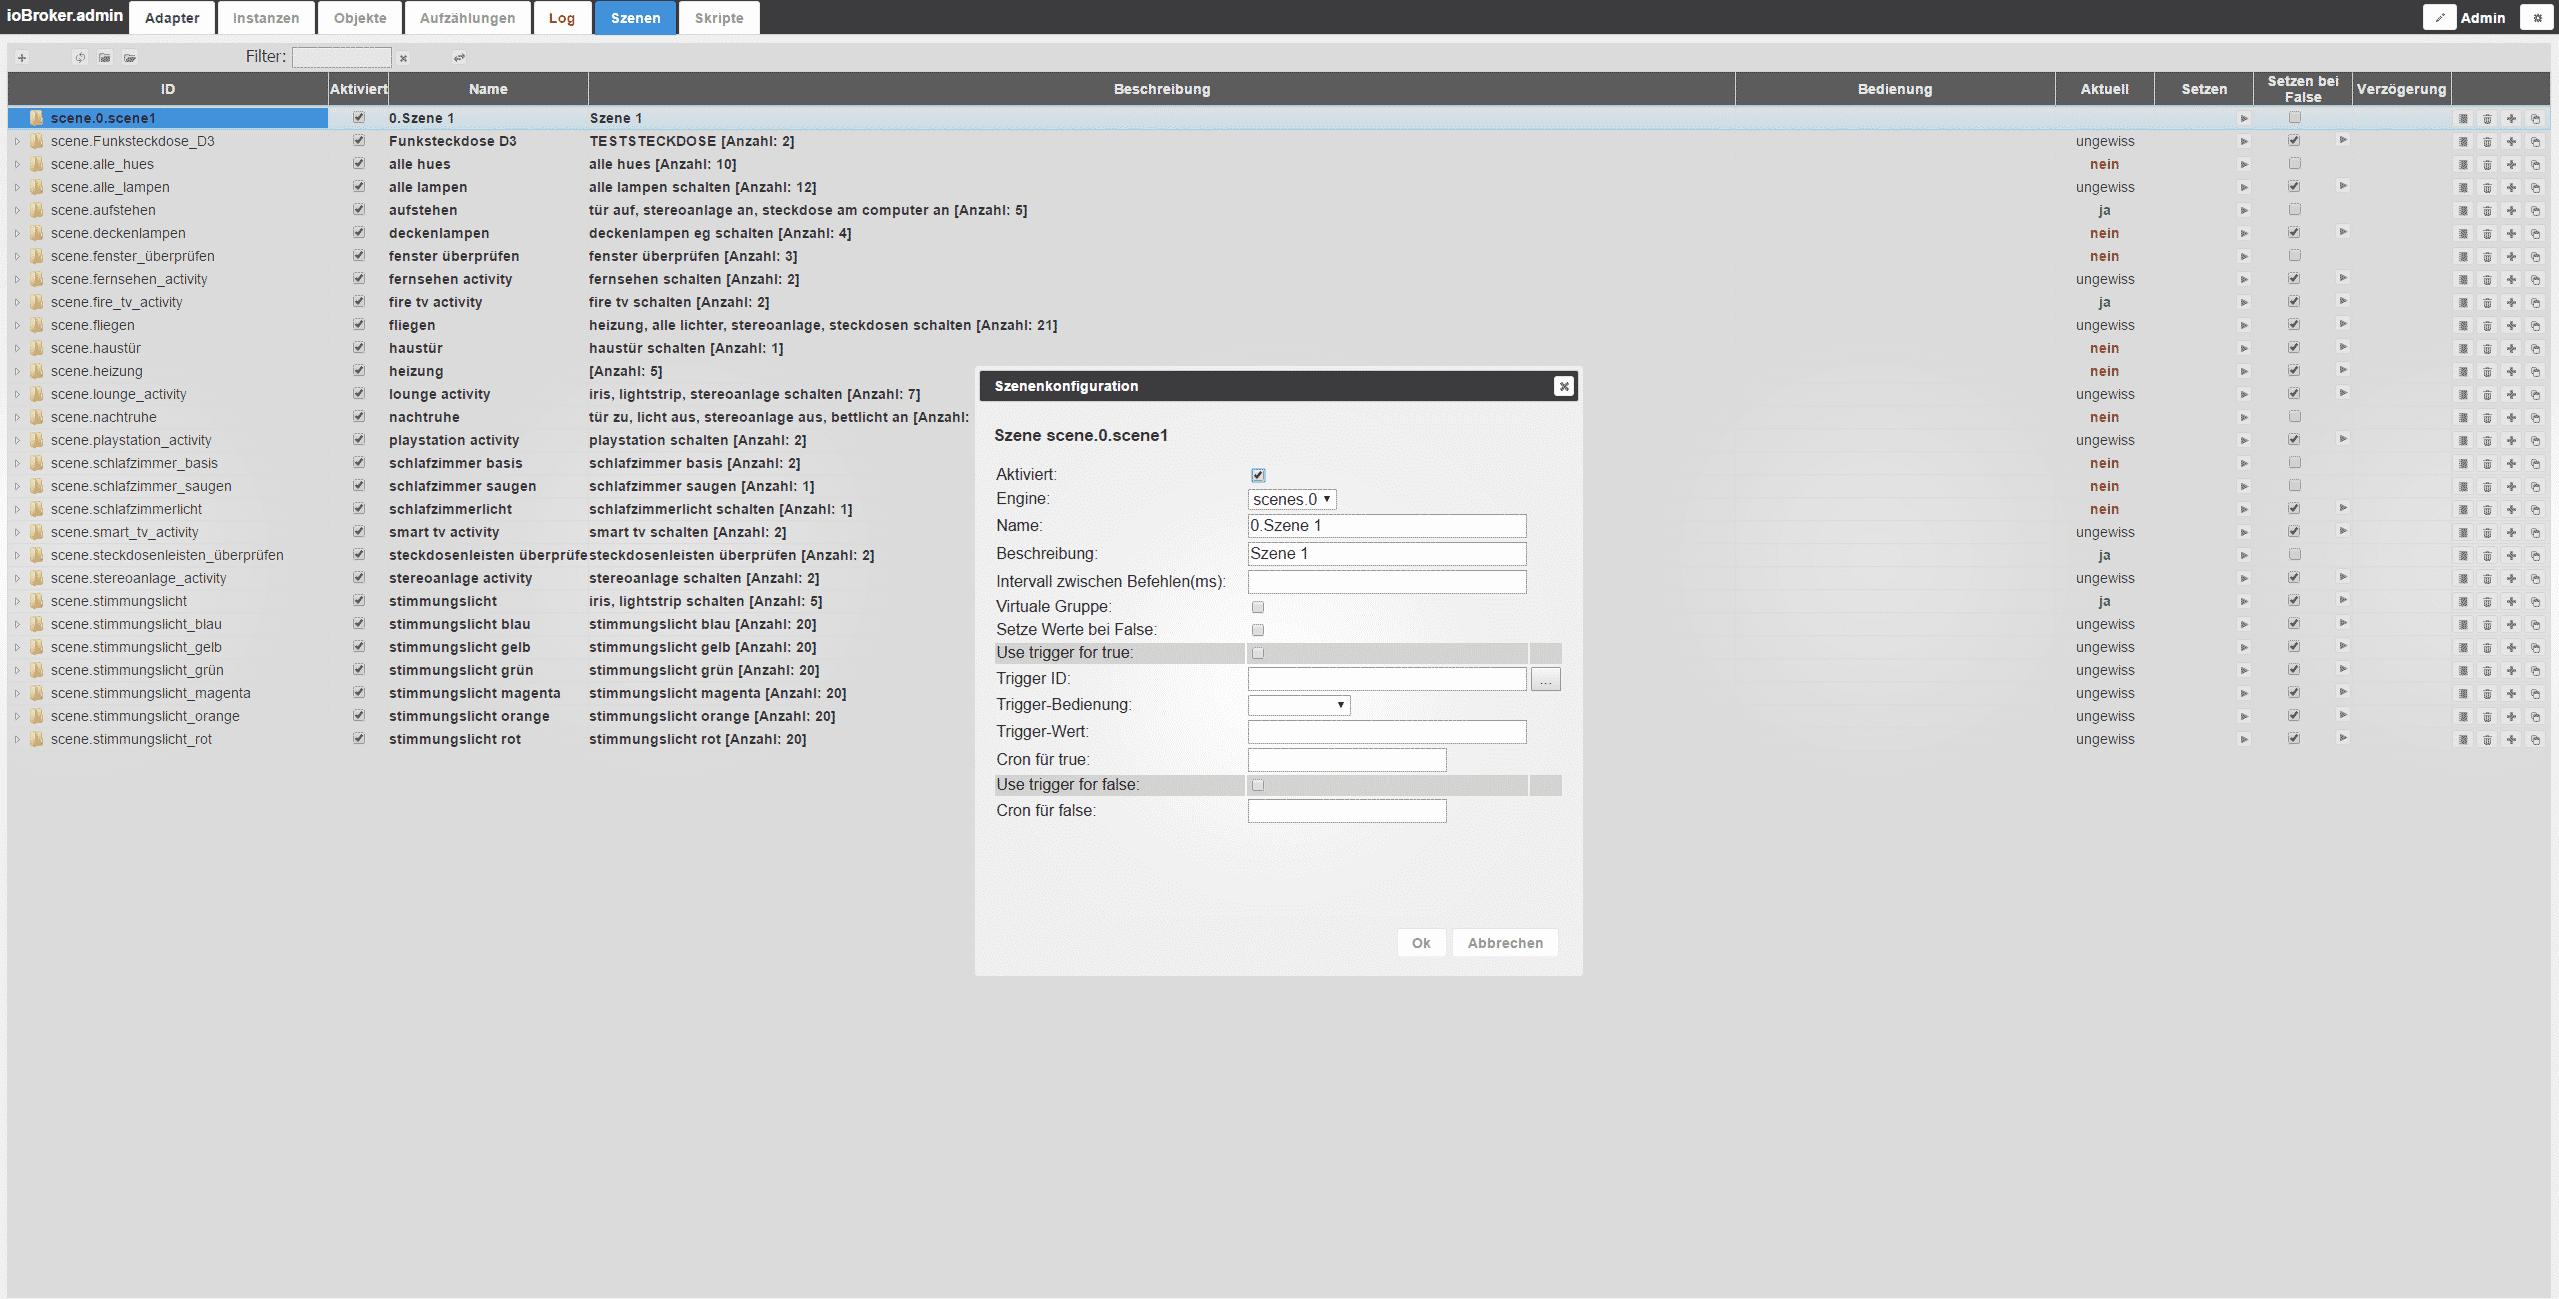 Szenen-in-ioBroker-erstellen-und-mit-Amazon-Alexa-steuern-6